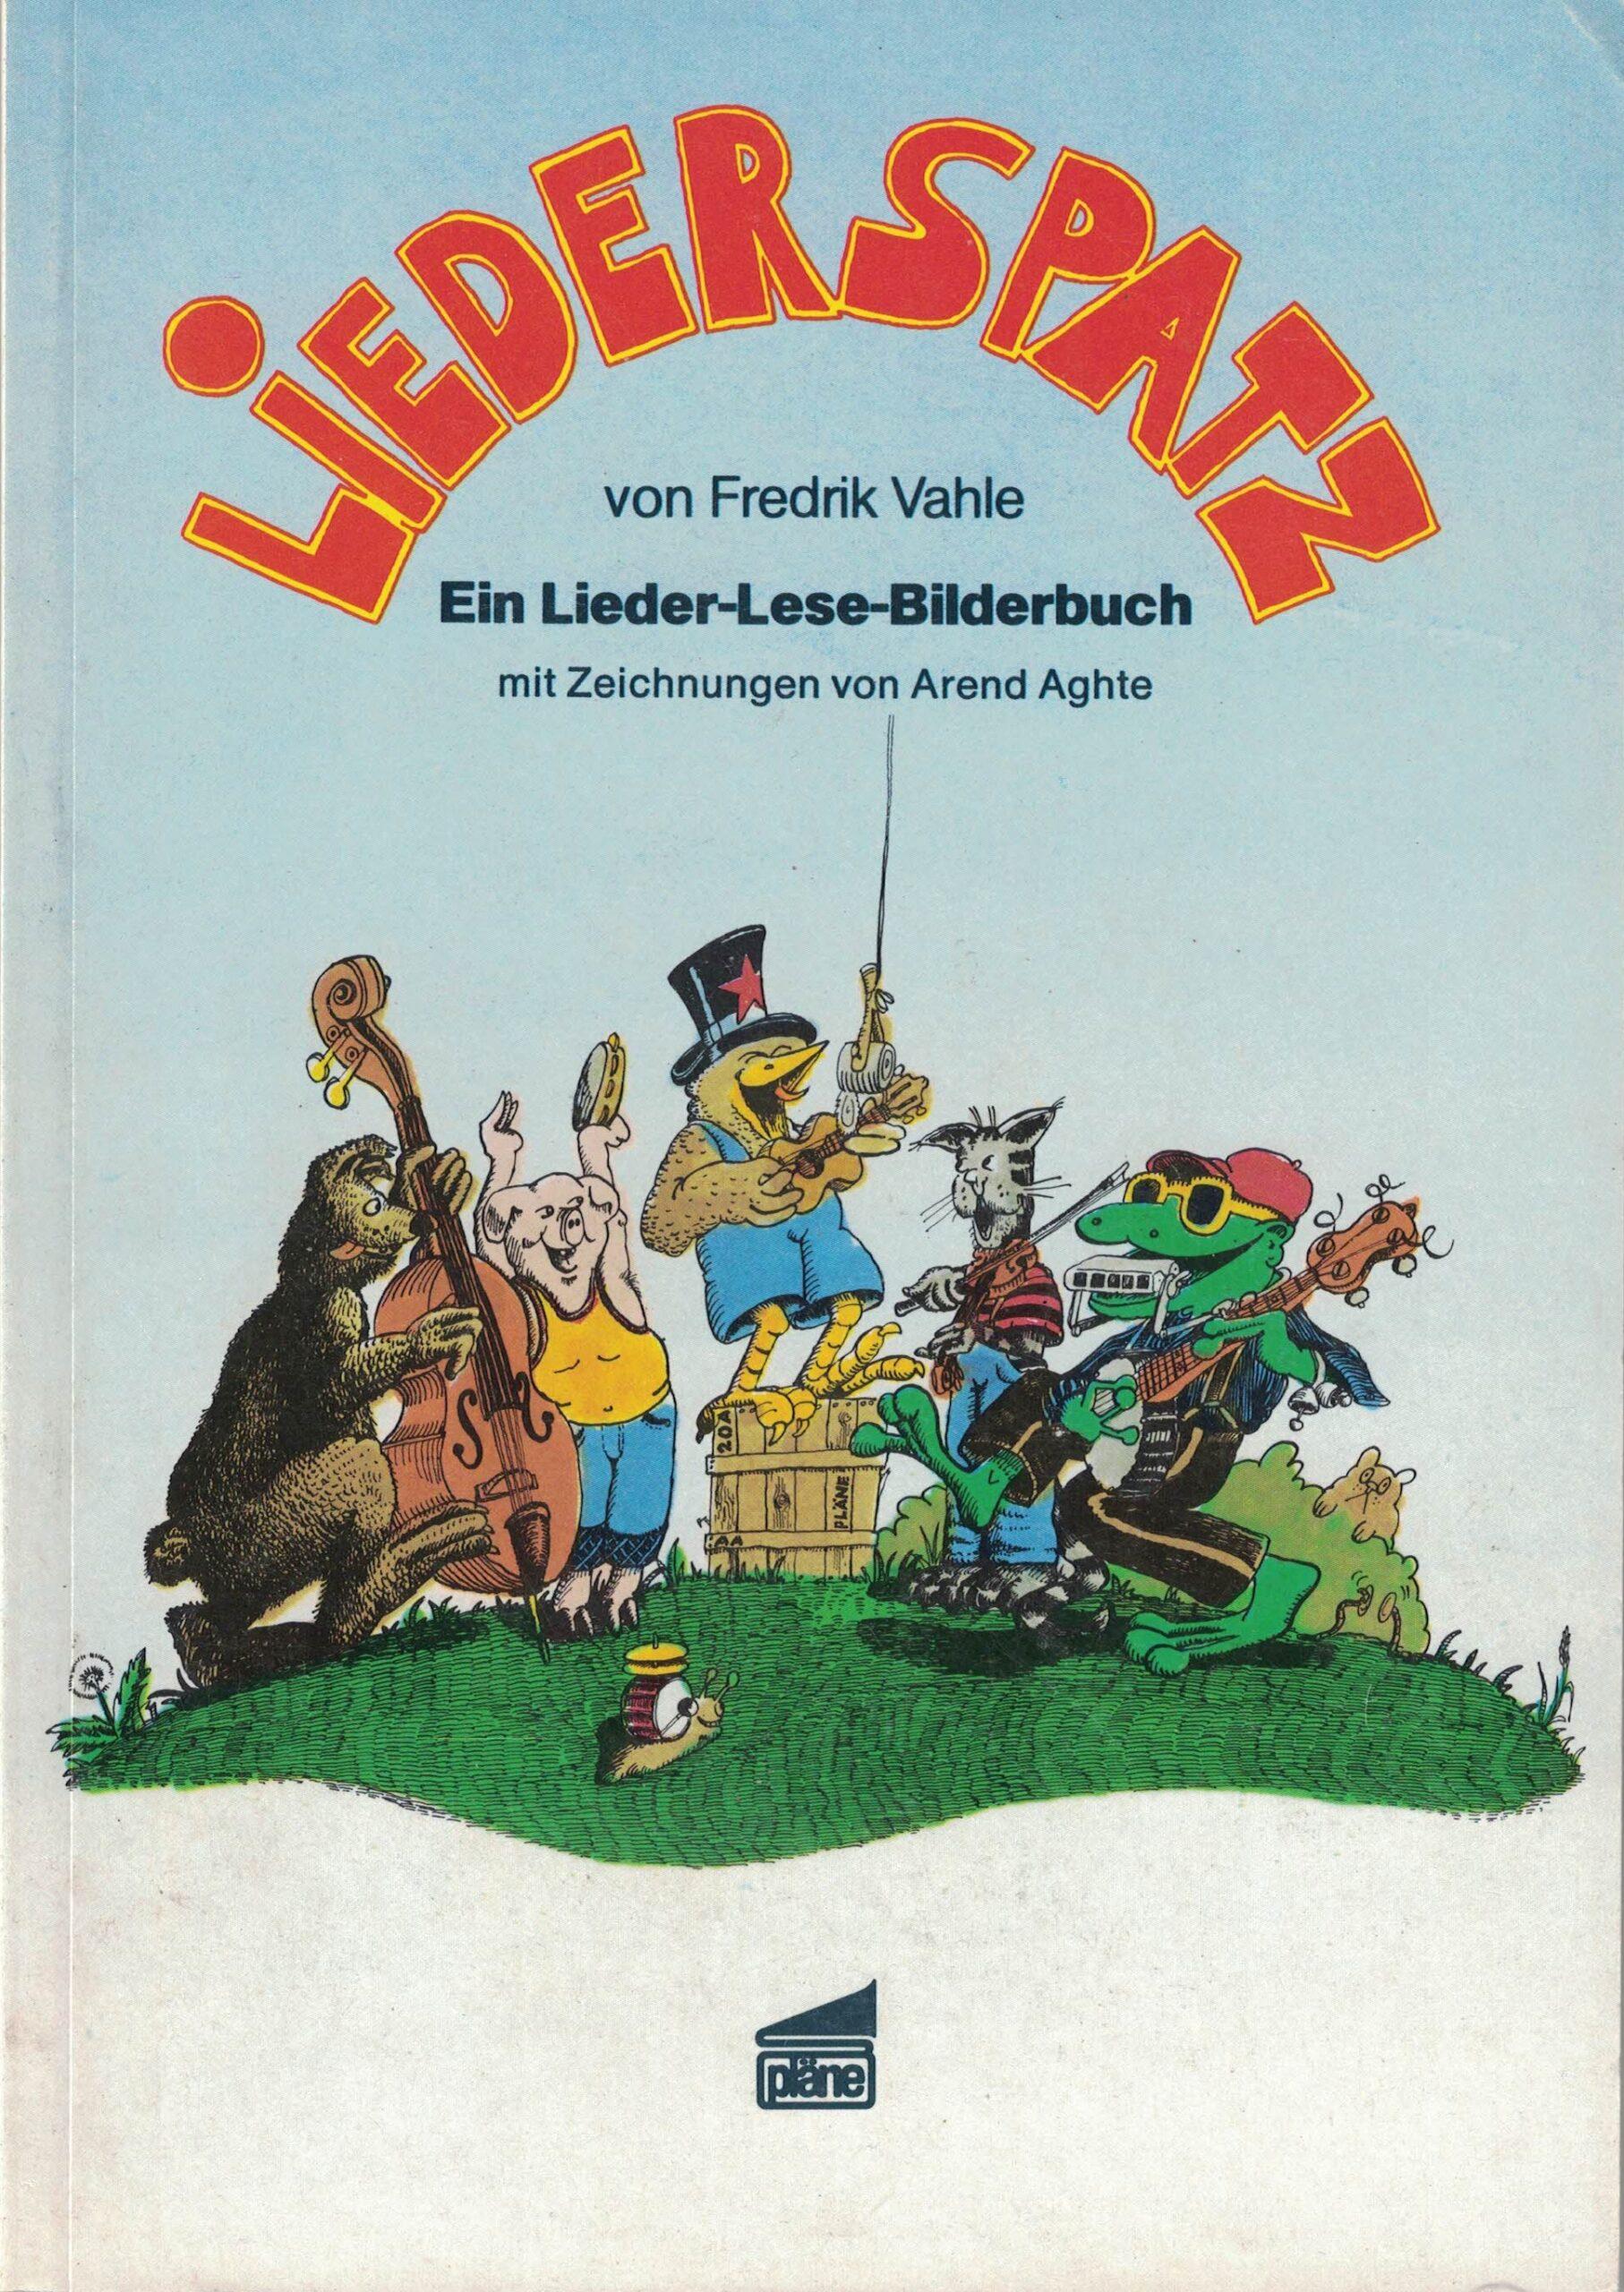 Fredrik Vahle - Liederspatz